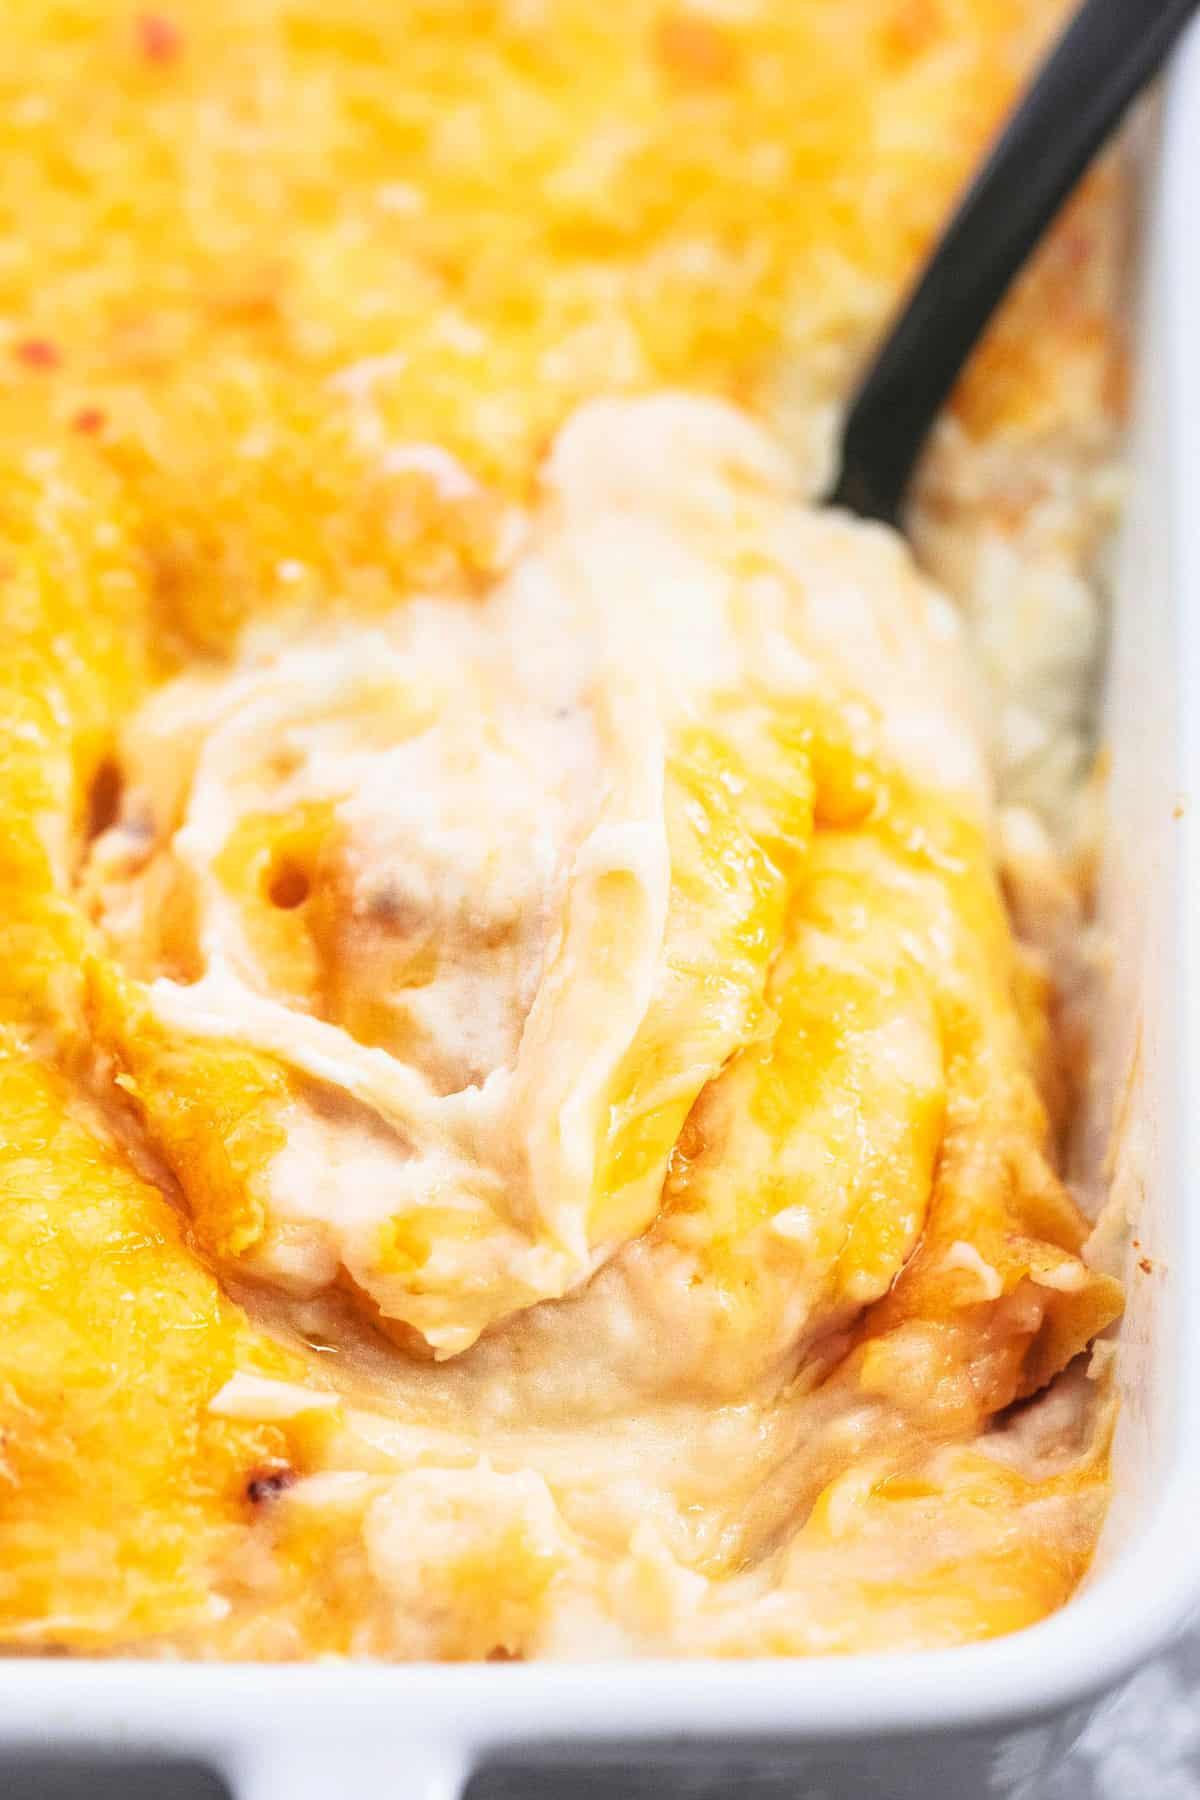 Easy Cheesy Kartoffelpüree Auflauf Beilage Rezept | lecremedelacrumb.com